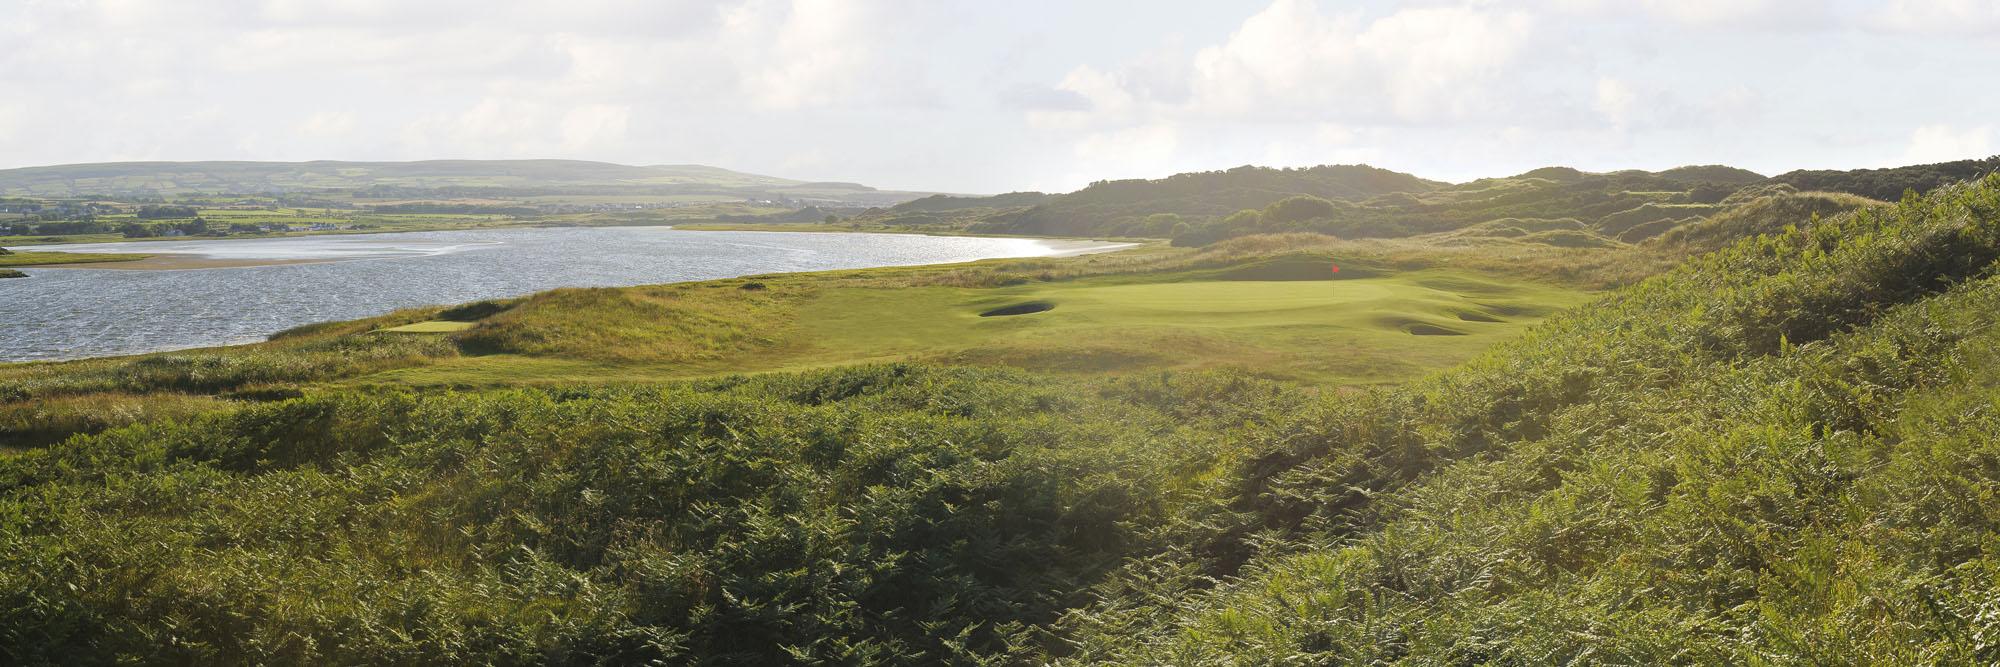 Golf Course Image - Portstewart No. 12